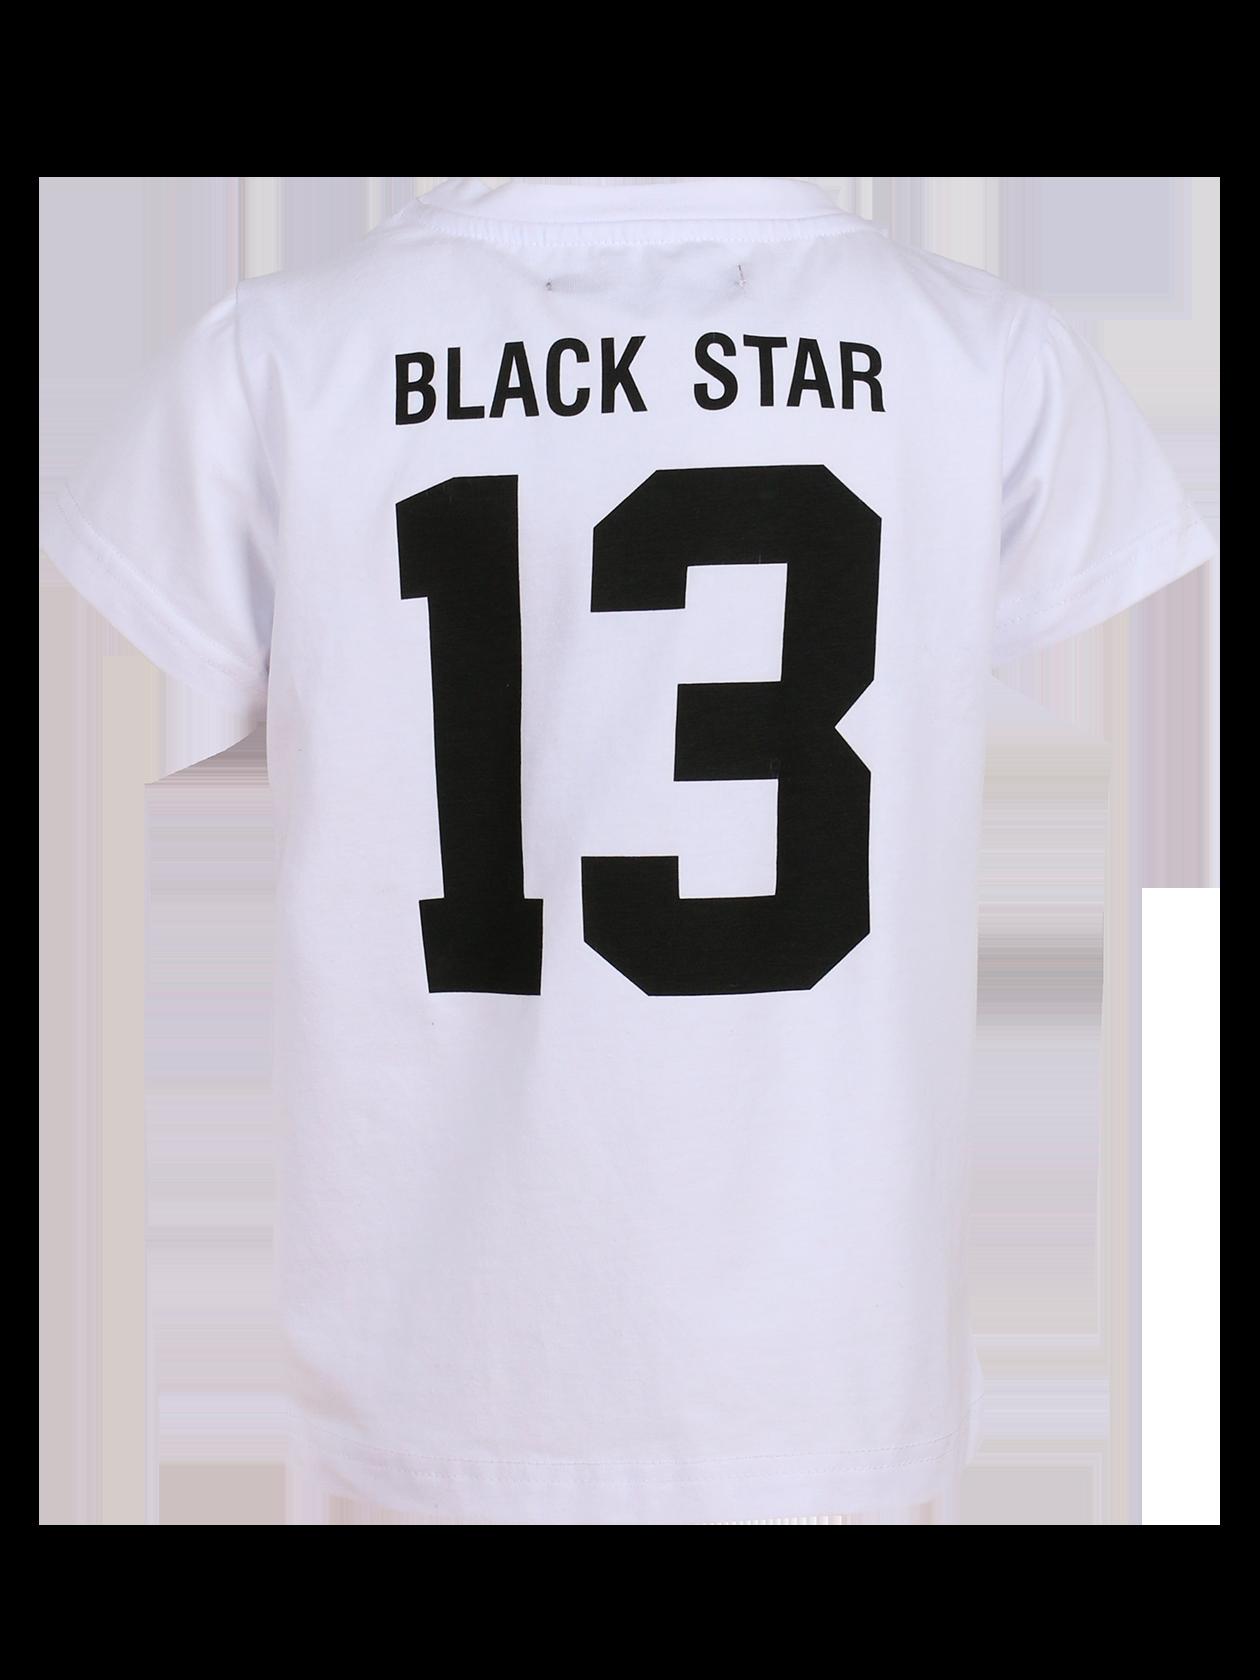 Kids t-shirt BS13Детская футболка из коллекции Black Star Wear с большим брендовым принтом на спине. Лаконичный дизайн: прямой крой, классический рукав и округлая горловина. Модель выполнена из натурального хлопка, не стесняет движений и не теряет внешний вид при многочисленных стирках. Можете быть уверены, что эта футболка станет одной из любимых у вашего ребёнка.<br><br>size: 5-6 years<br>color: White<br>gender: unisex